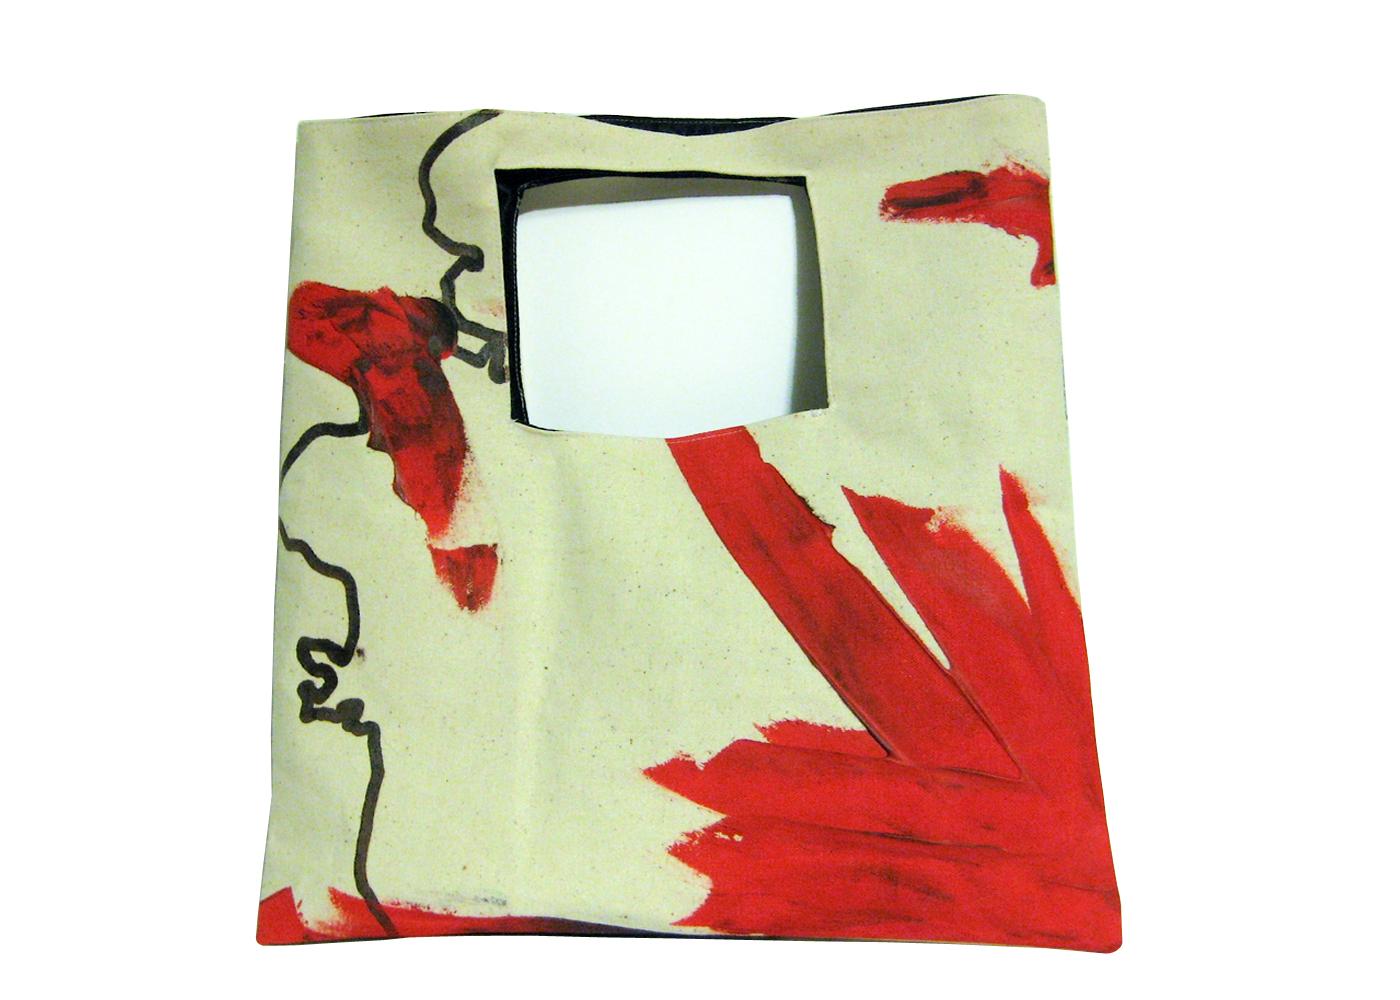 Oso dise o de carteras tipo bolso pintadas a mano en for Disenos de bolsos de tela